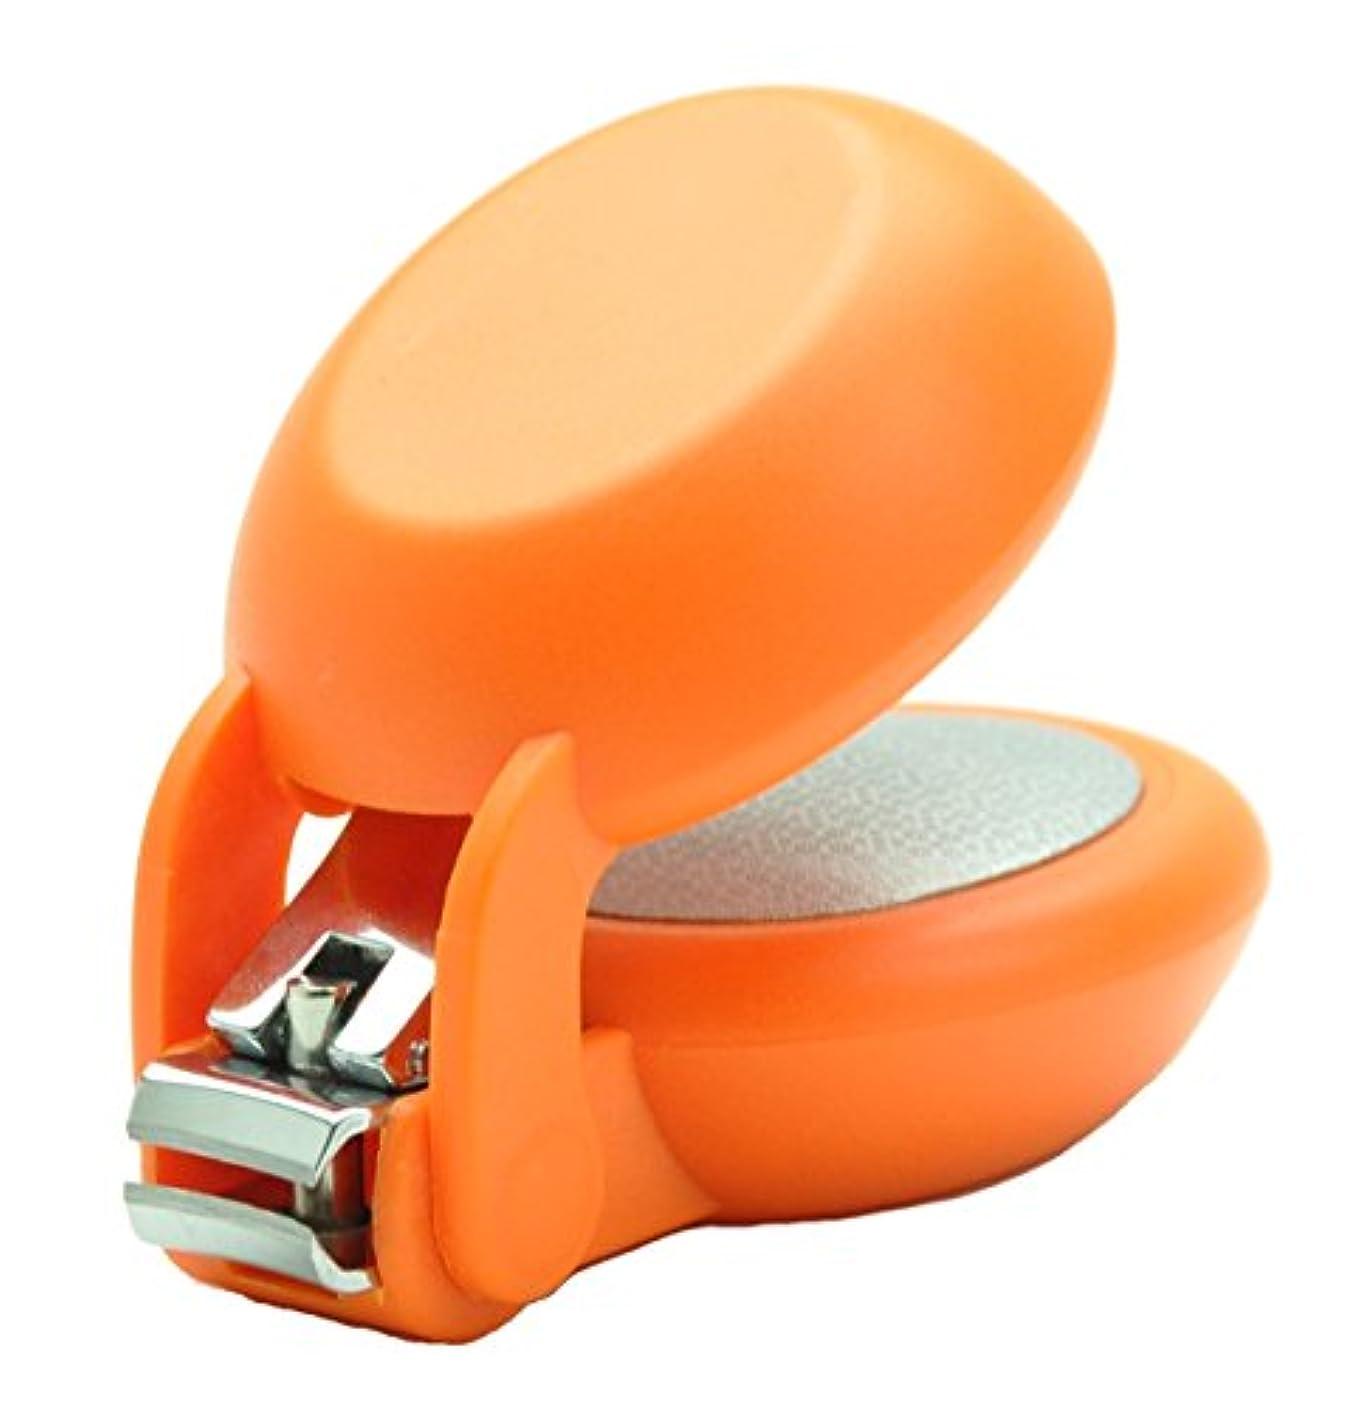 ハウス丘下に向けます爪切り nail clipper (ネイルクリッパー) Nail+ (ネイルプラス) Orange (オレンジ)